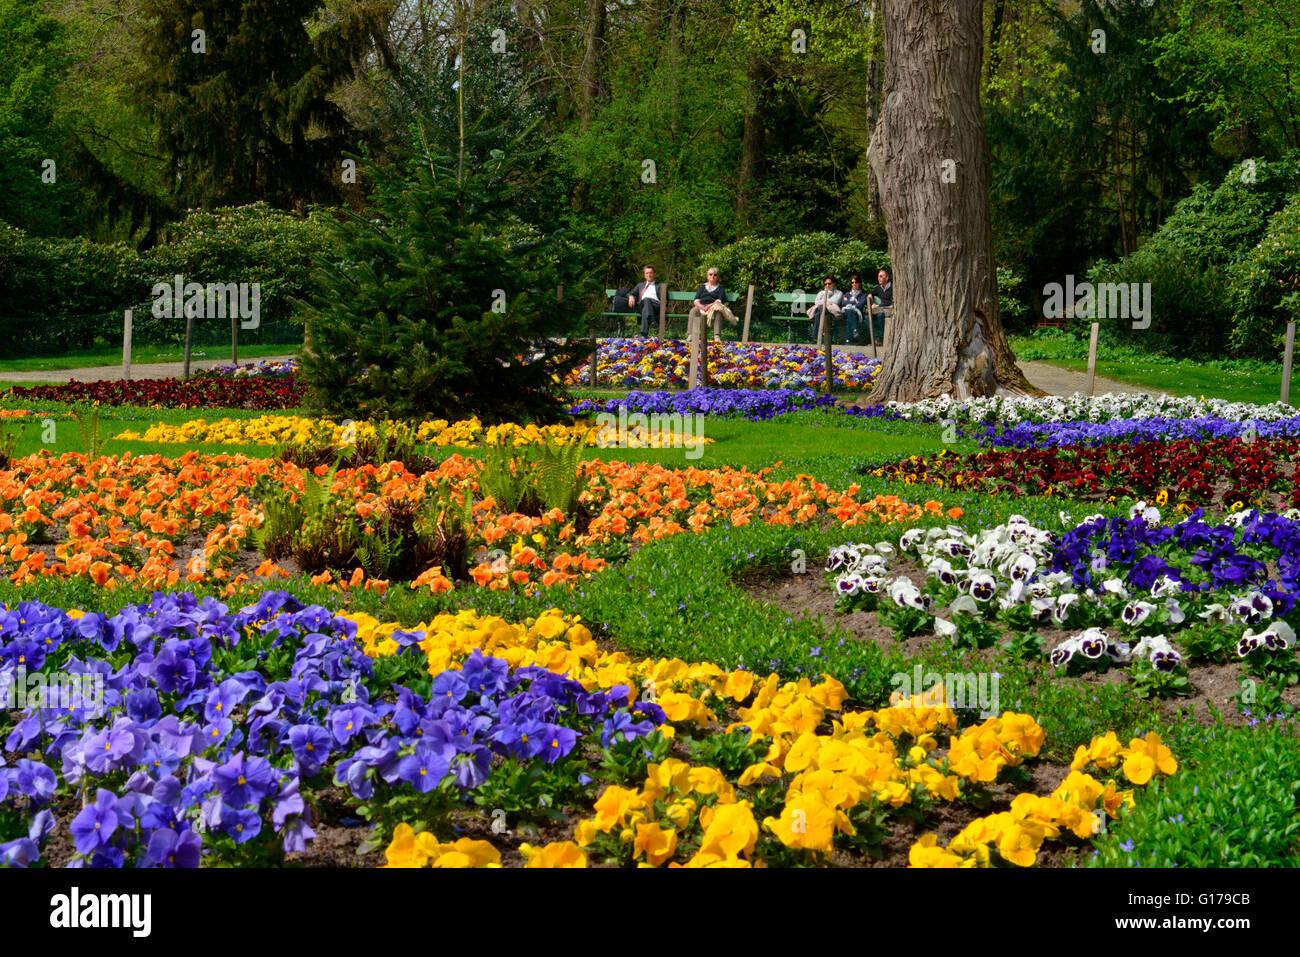 Blumenbeete, Luiseninsel, Park, Grosser Tiergarten, Tiergarten, Berlin, Deutschland - Stock Image